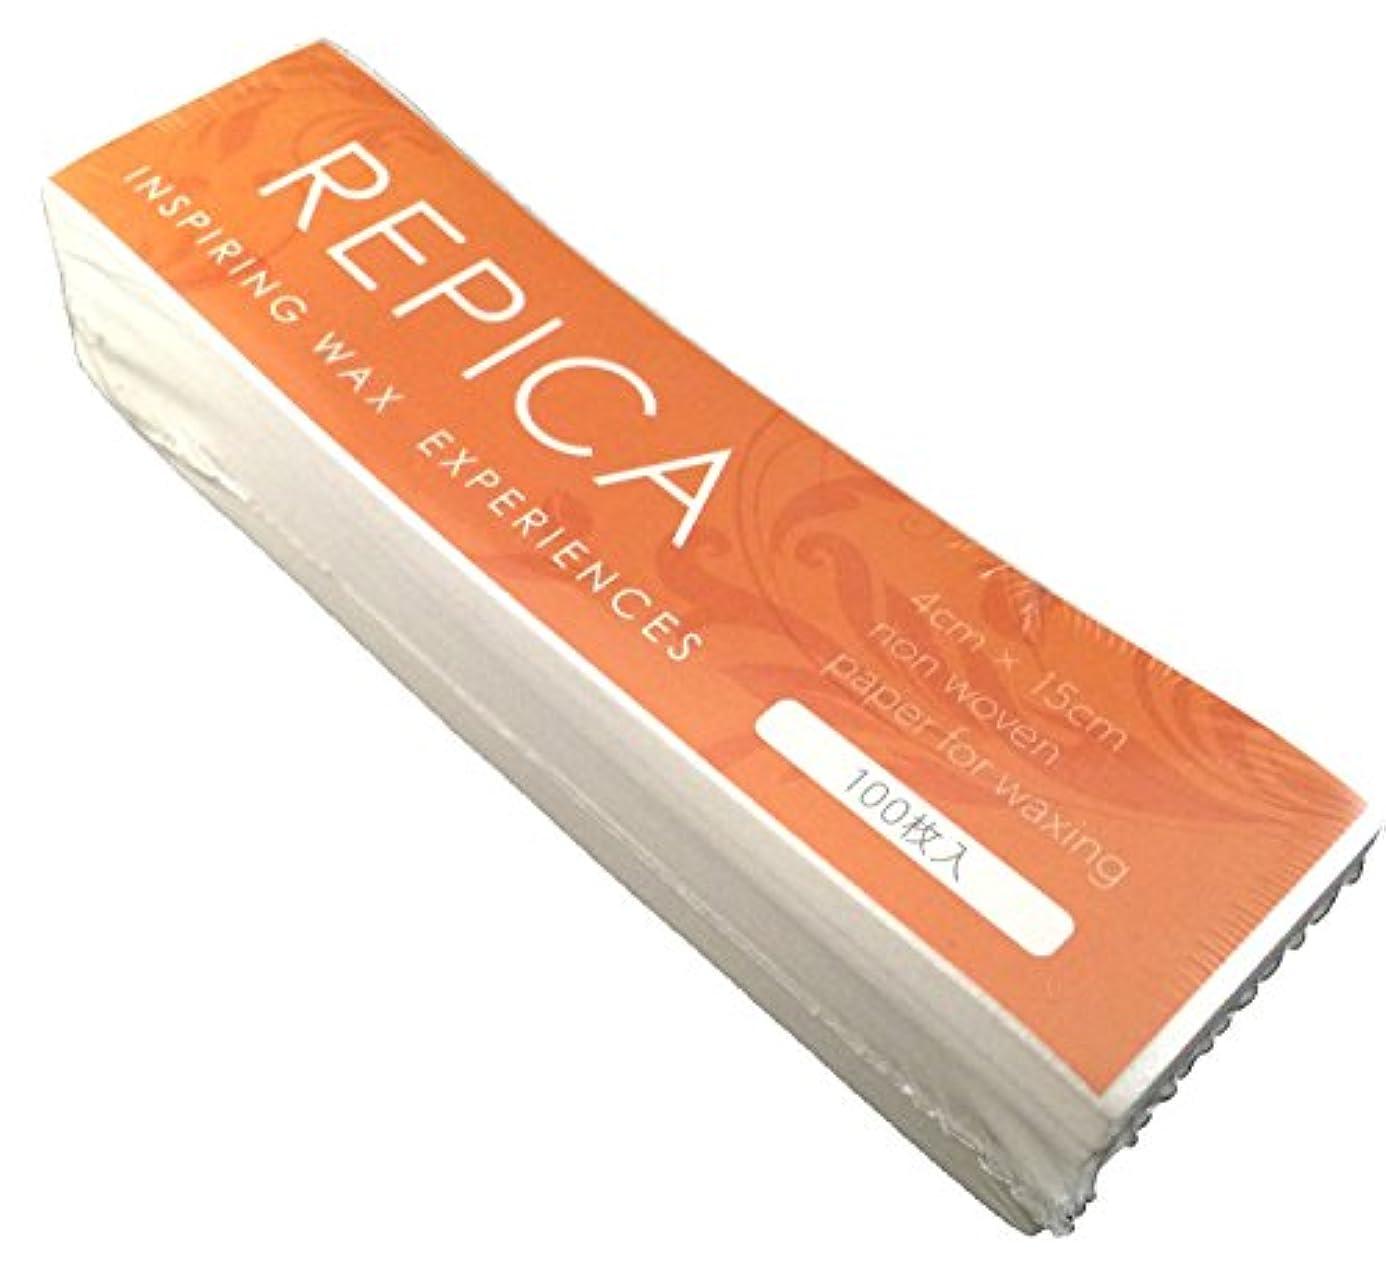 全能調和のとれたキノコREPICA ブラジリアンワックス脱毛 カットペーパー Sサイズ100枚入り×5個セット ワックス脱毛 ワックスシート ストリップシート